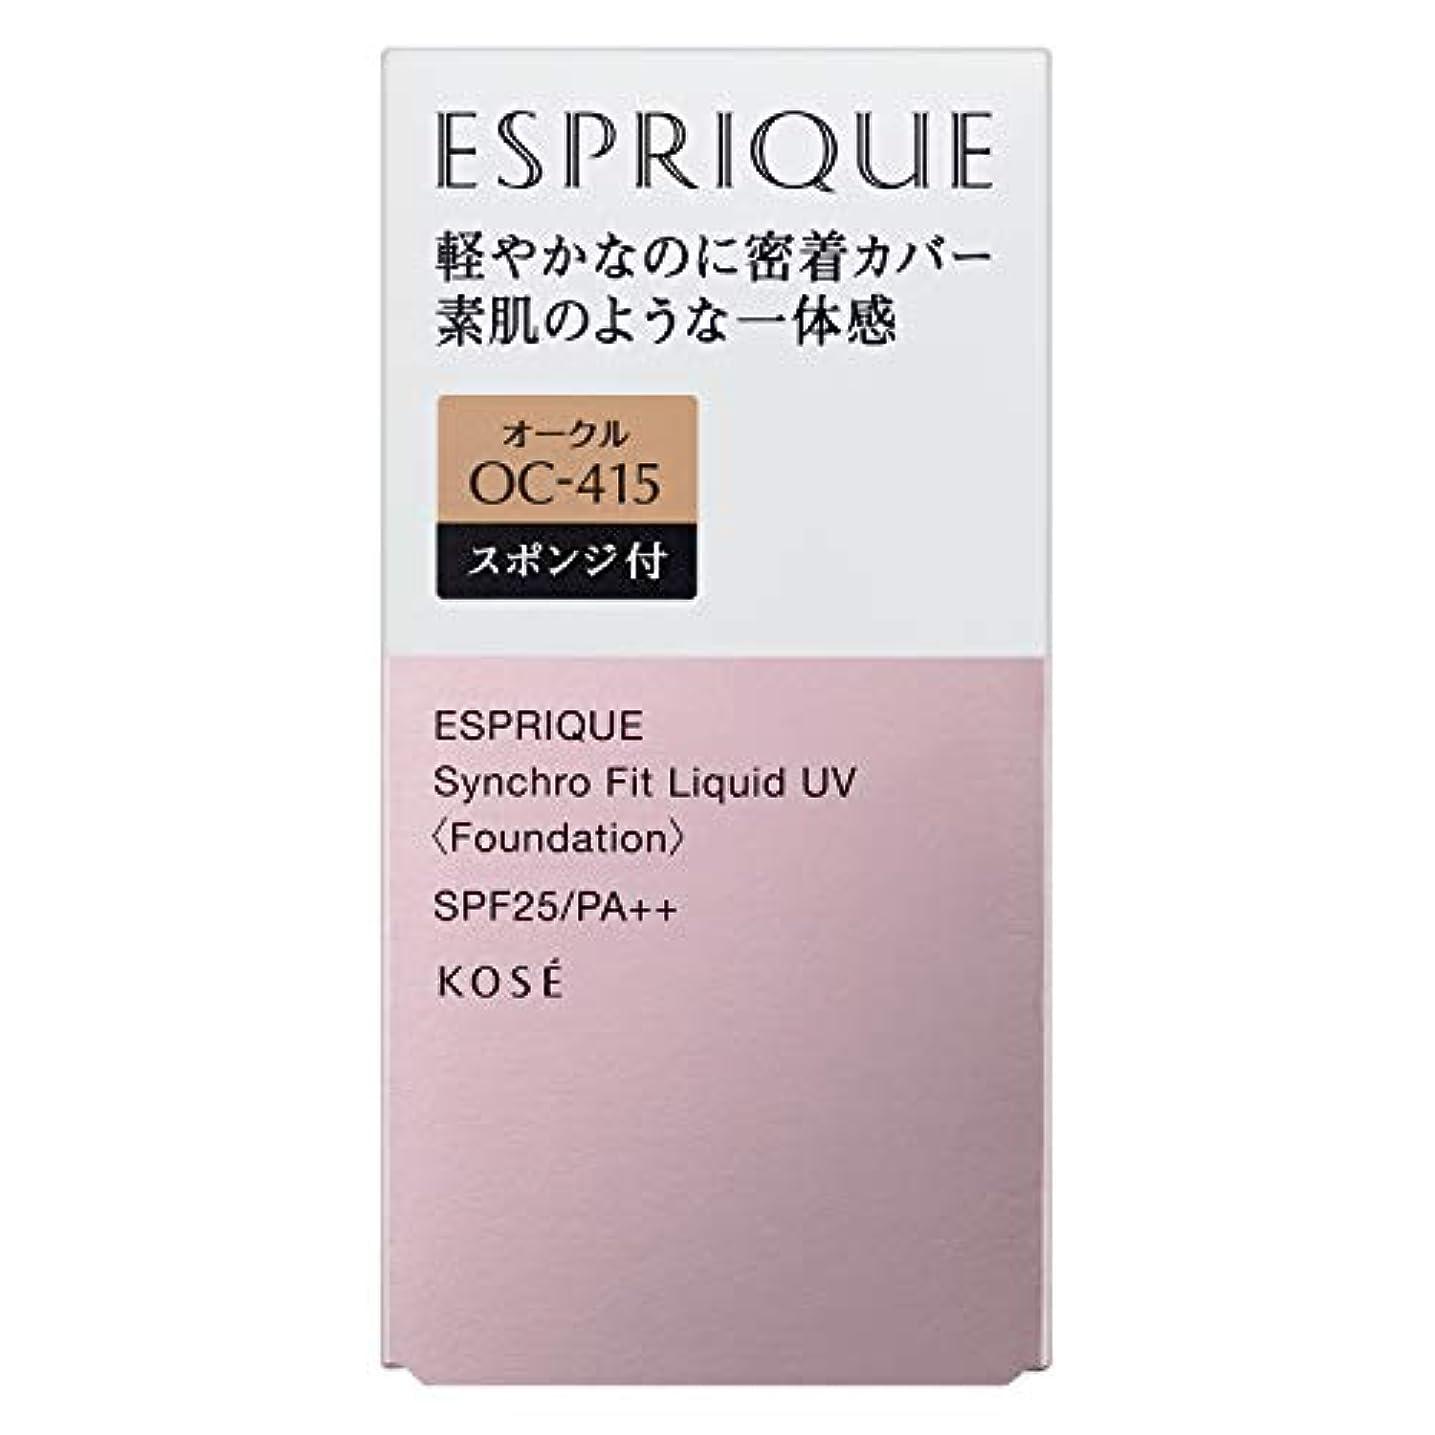 つづりヤギおとこESPRIQUE(エスプリーク) エスプリーク シンクロフィット リキッド UV ファンデーション 無香料 OC-415 オークル 30g